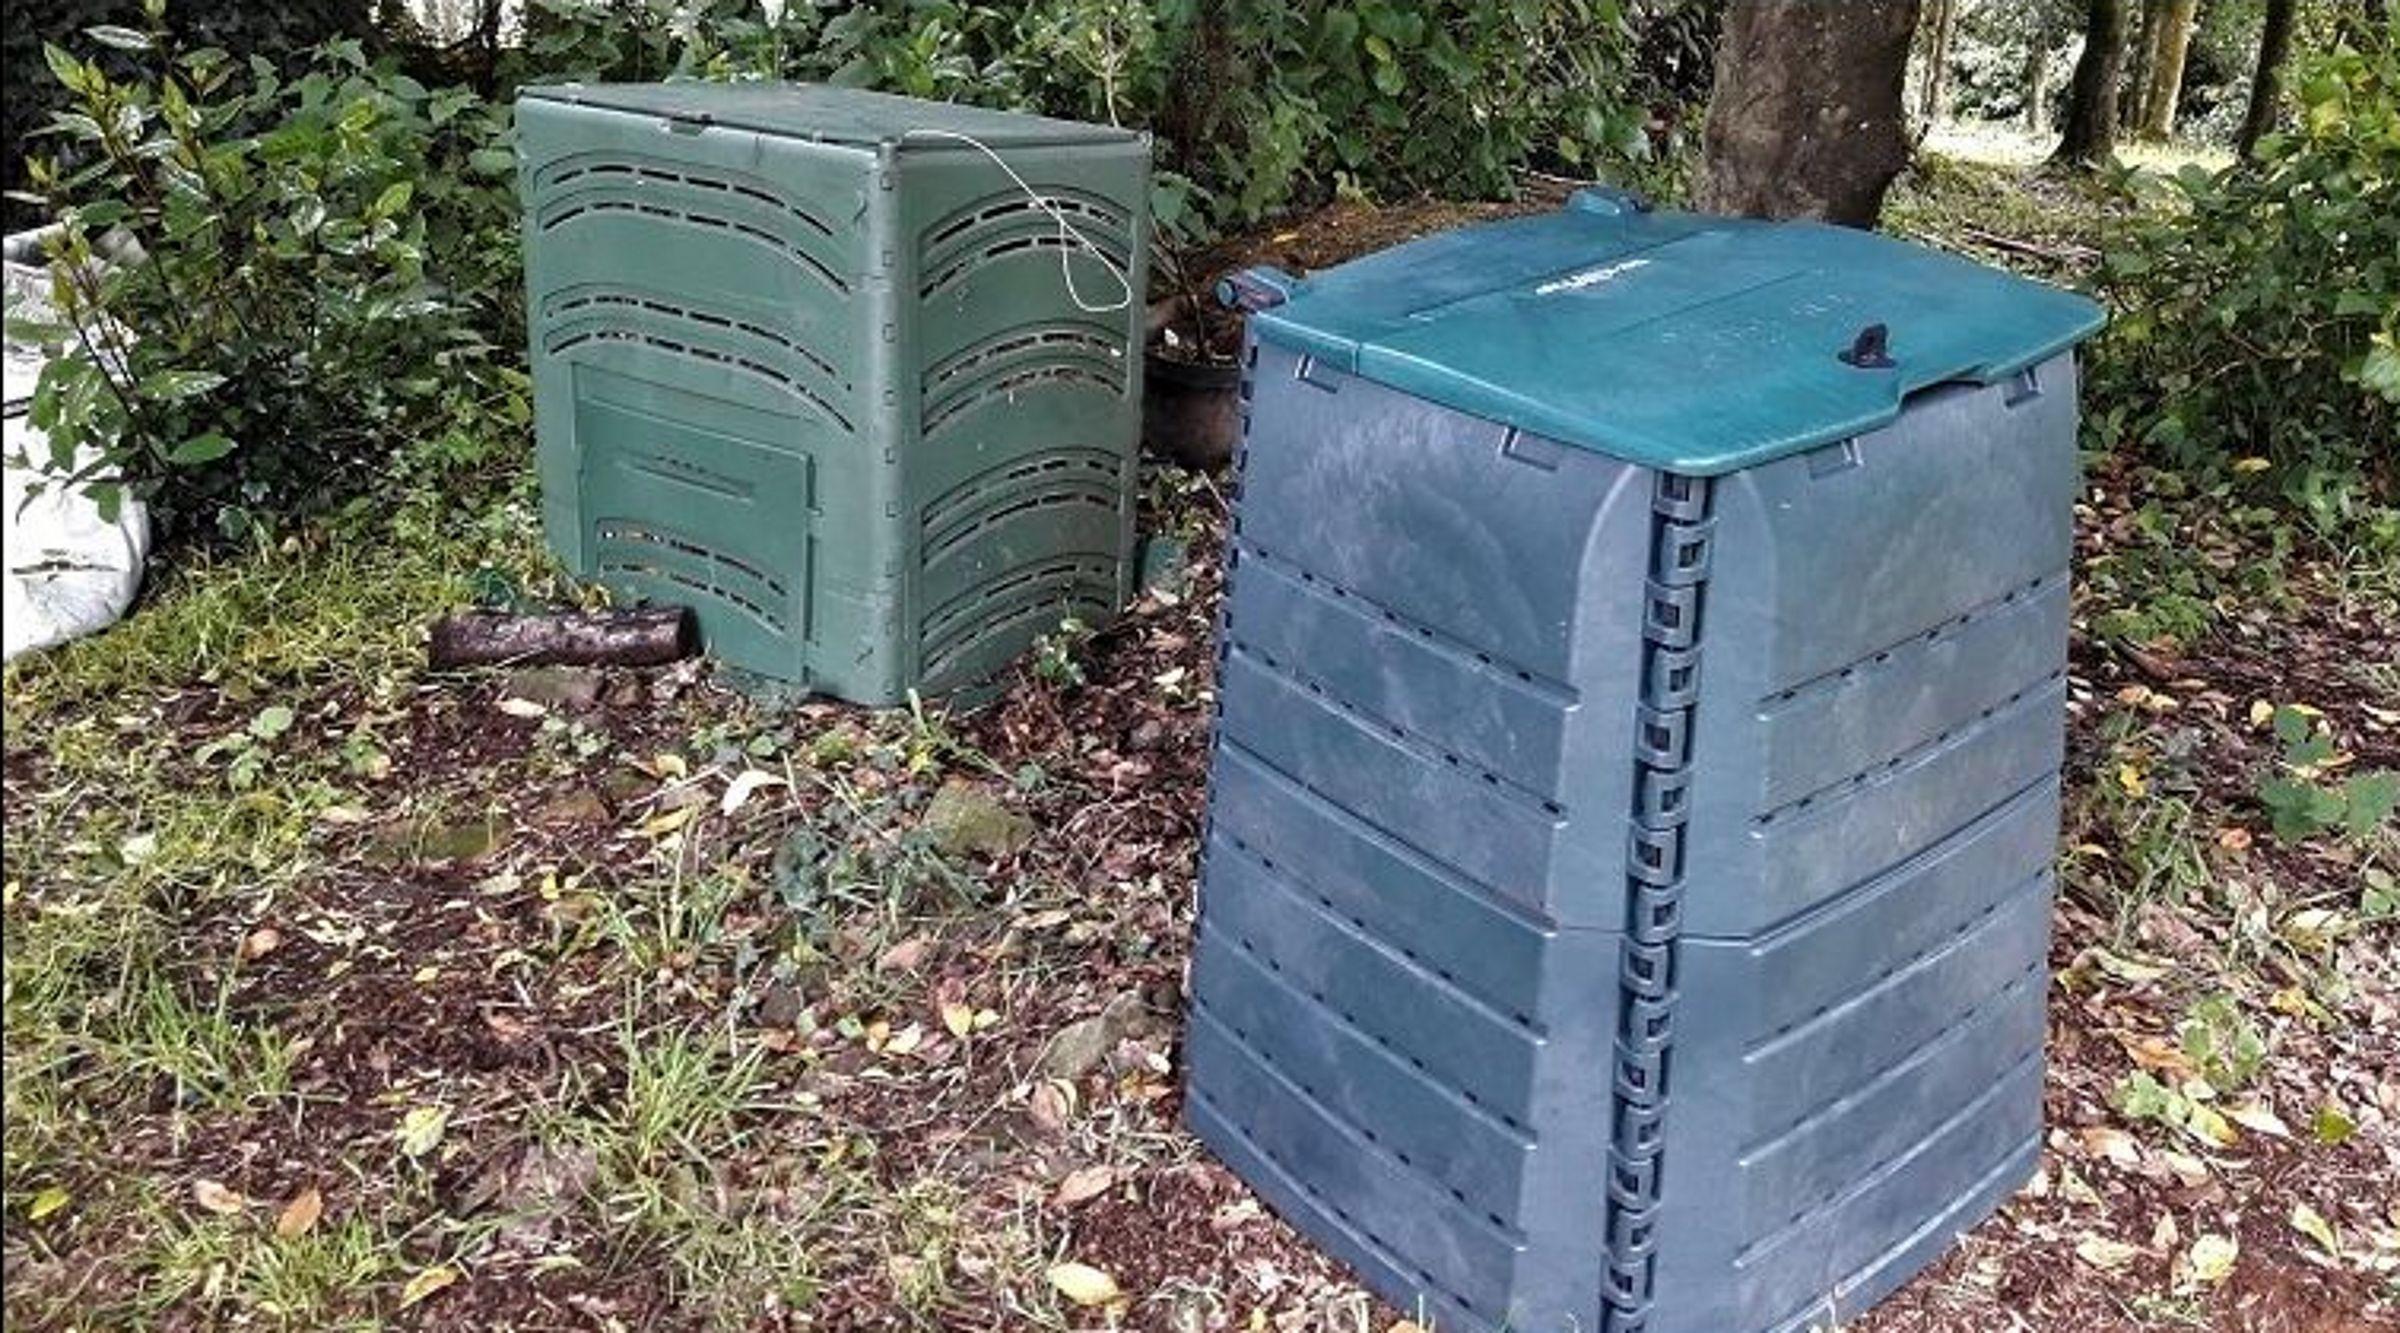 Recogida del colector marrón (compost) en las calles de Pontevedra